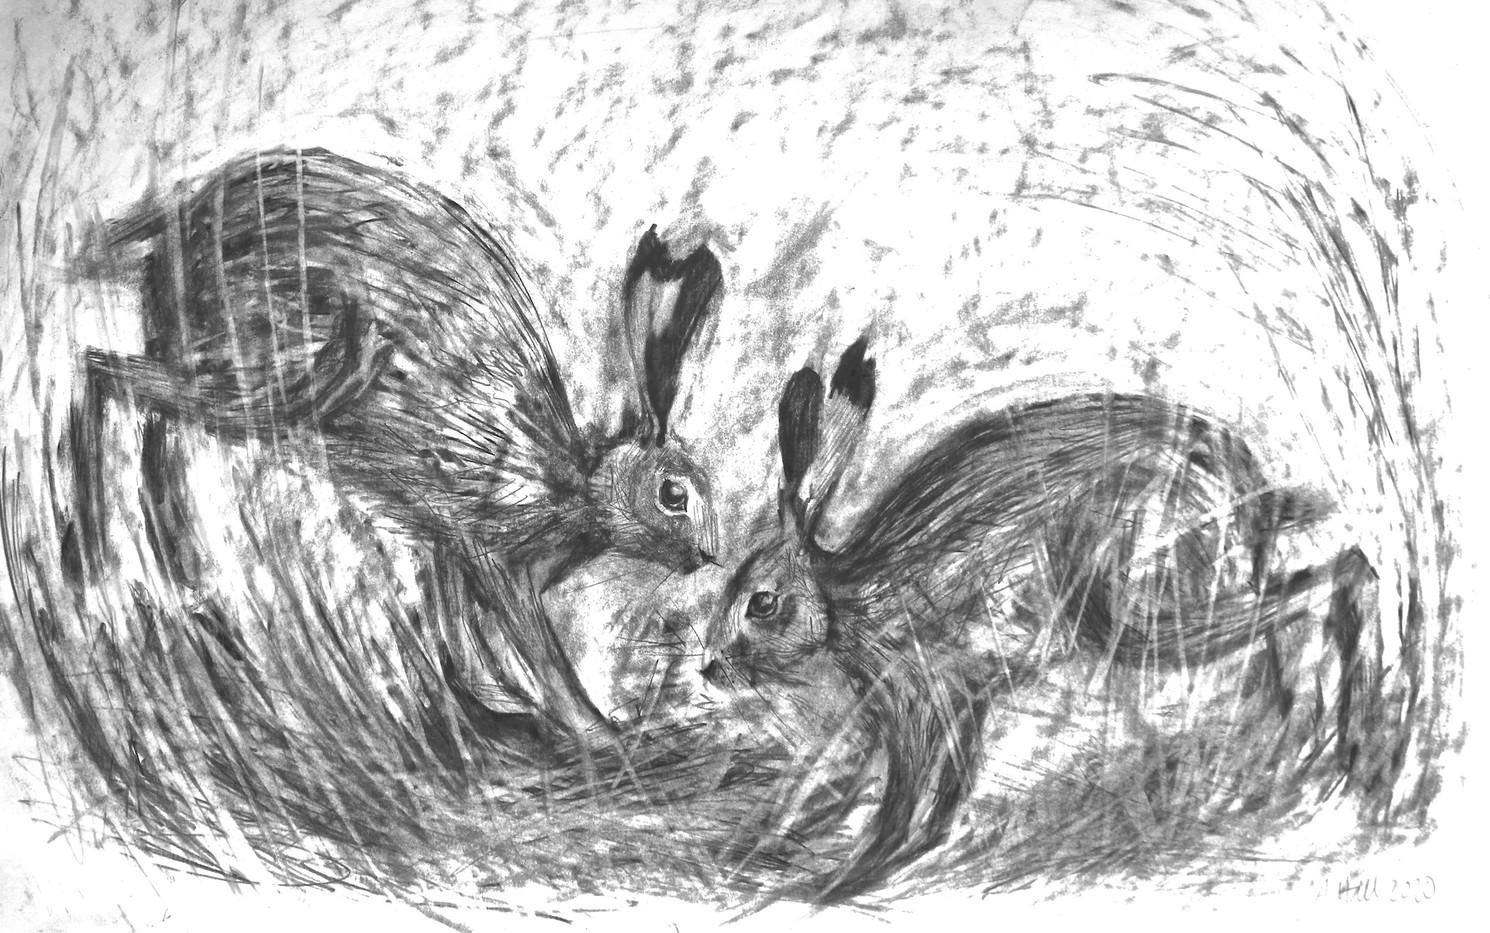 Dancing Hares